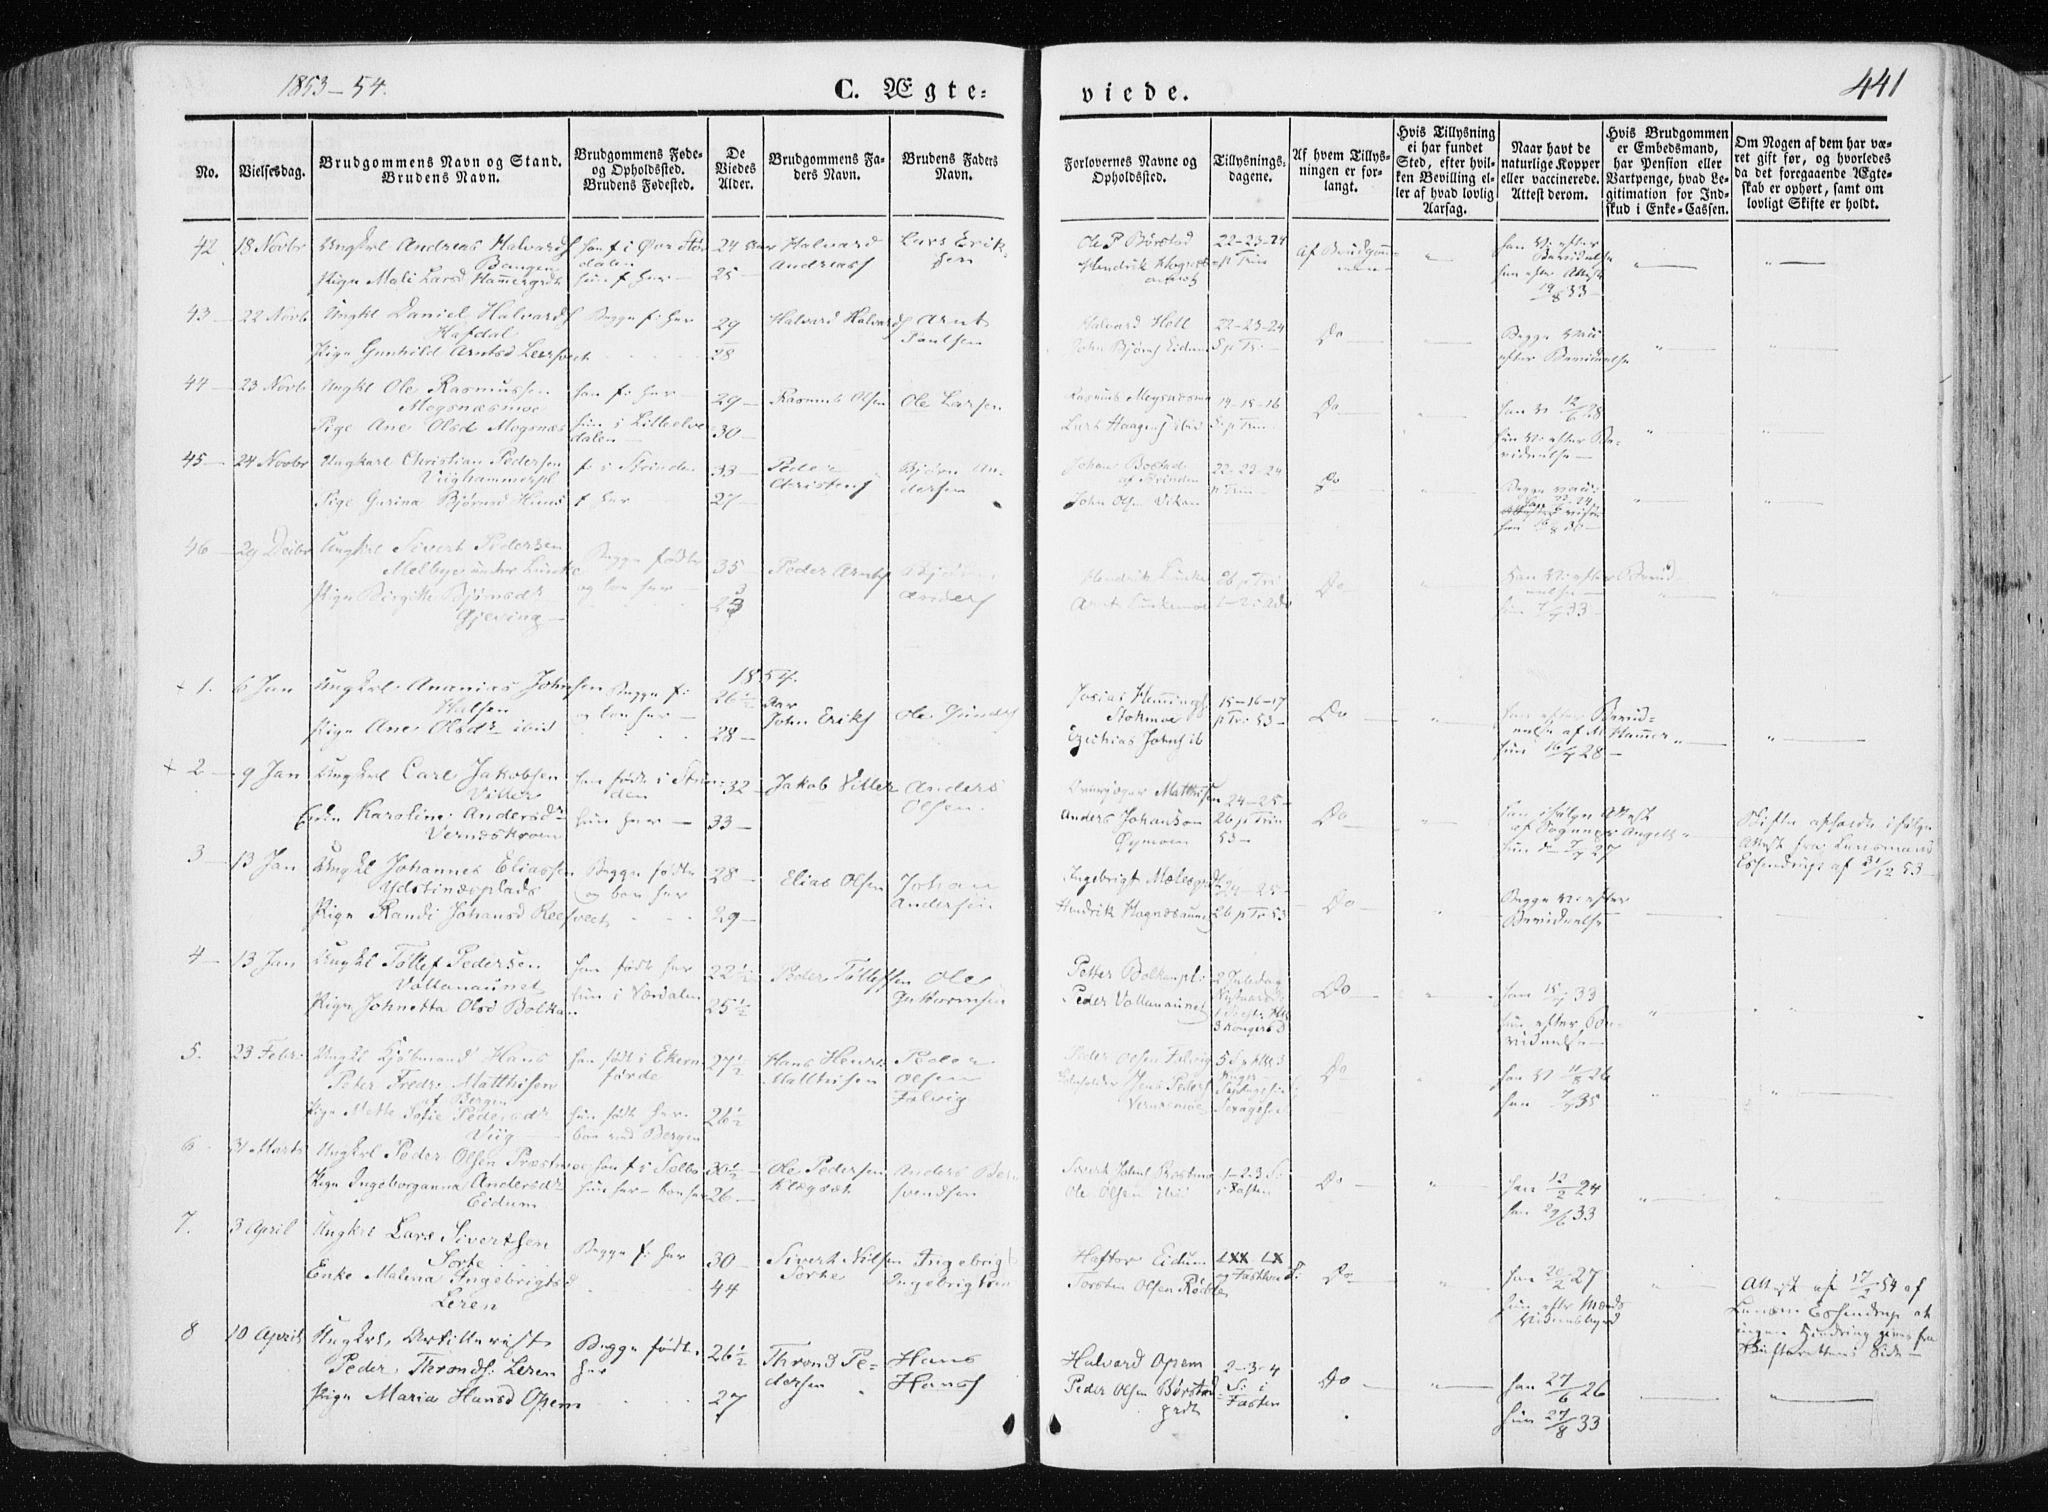 SAT, Ministerialprotokoller, klokkerbøker og fødselsregistre - Nord-Trøndelag, 709/L0074: Ministerialbok nr. 709A14, 1845-1858, s. 441